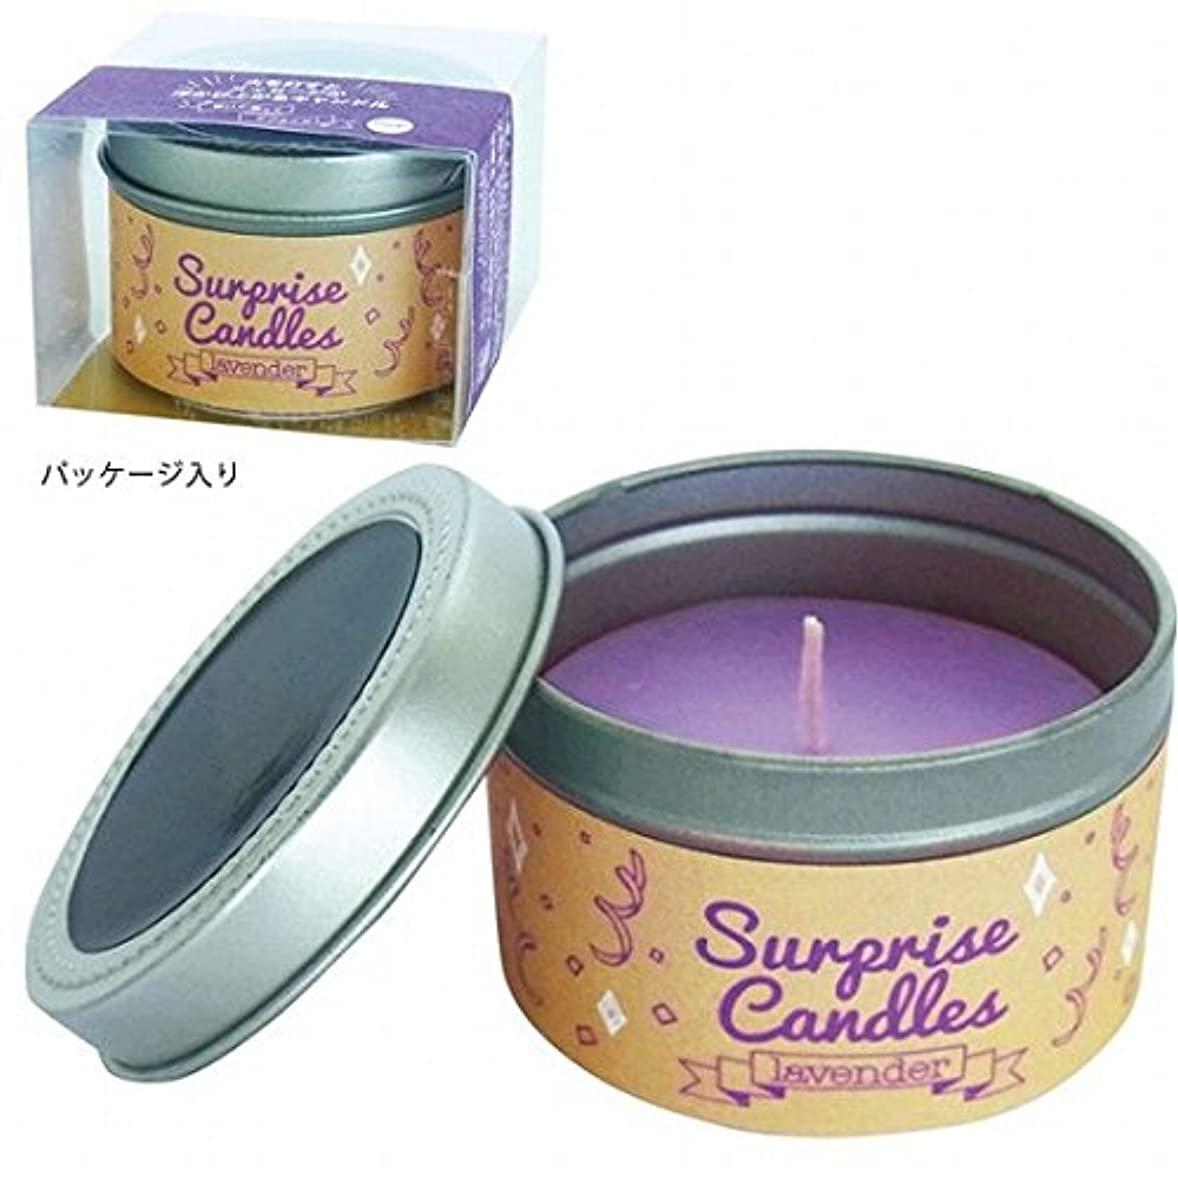 スコットランド人不純かもしれないkameyama candle(カメヤマキャンドル) サプライズキャンドル 「ラベンダー」(A207005020)